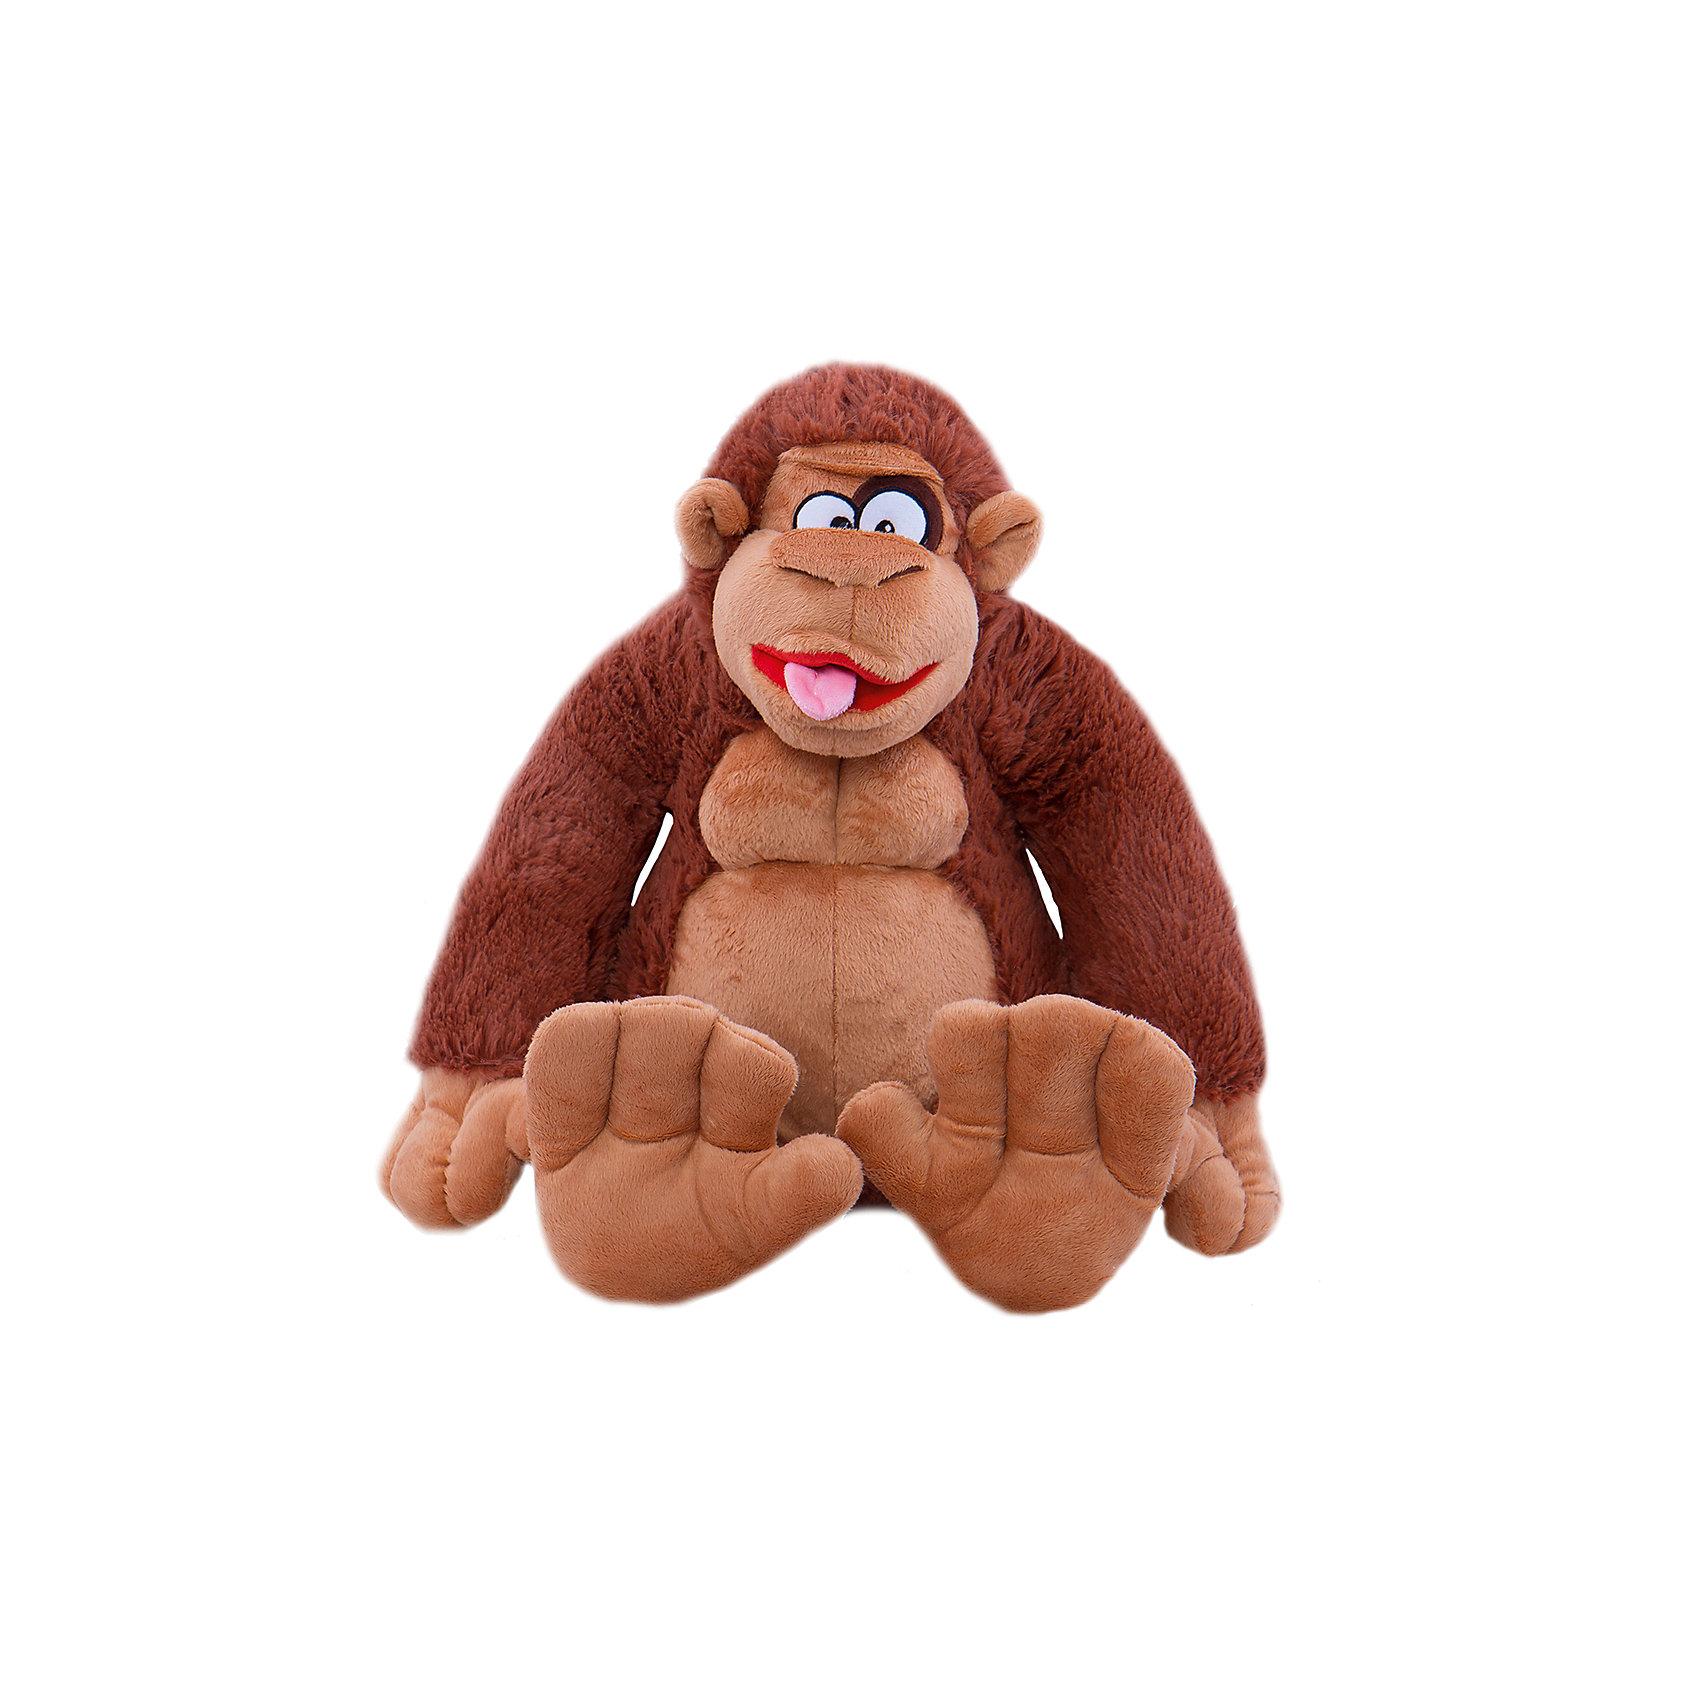 СмолТойс Орангутанг Гарик, 50 см, СмолТойс смолтойс мягкое кресло скругленное маша и медведь смолтойс розовый